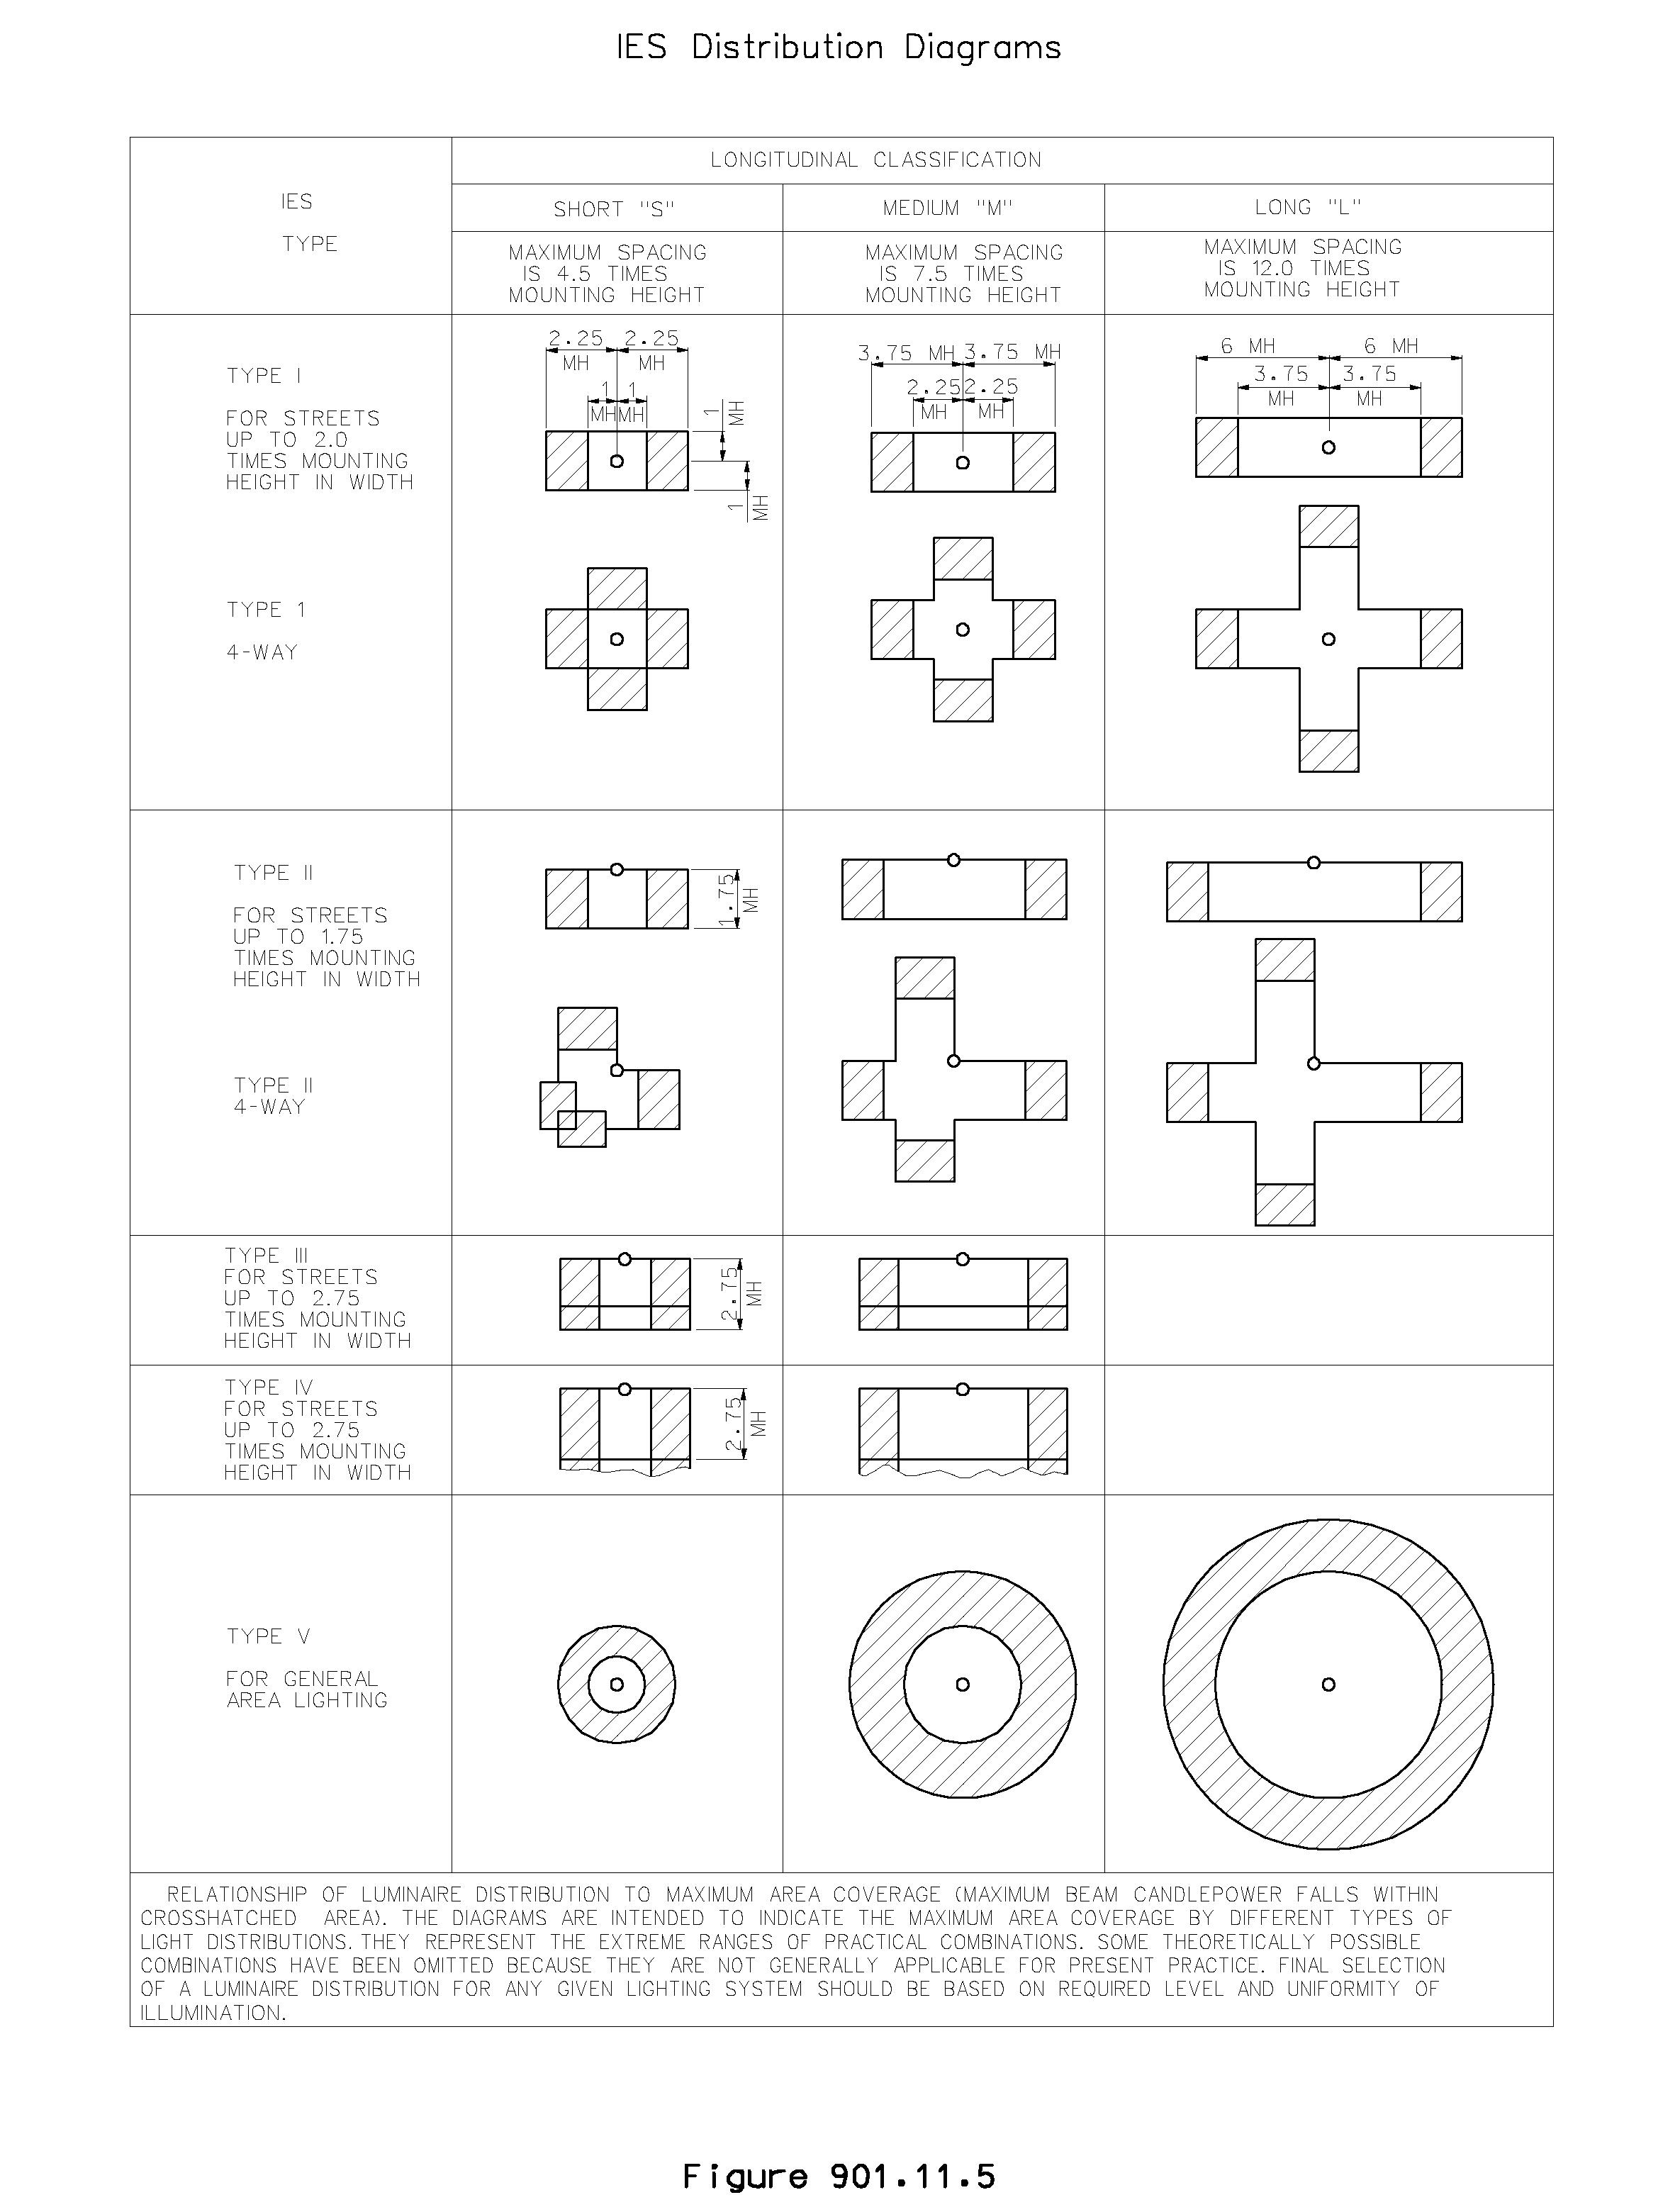 IESNA_Distribution_Diagrams.png